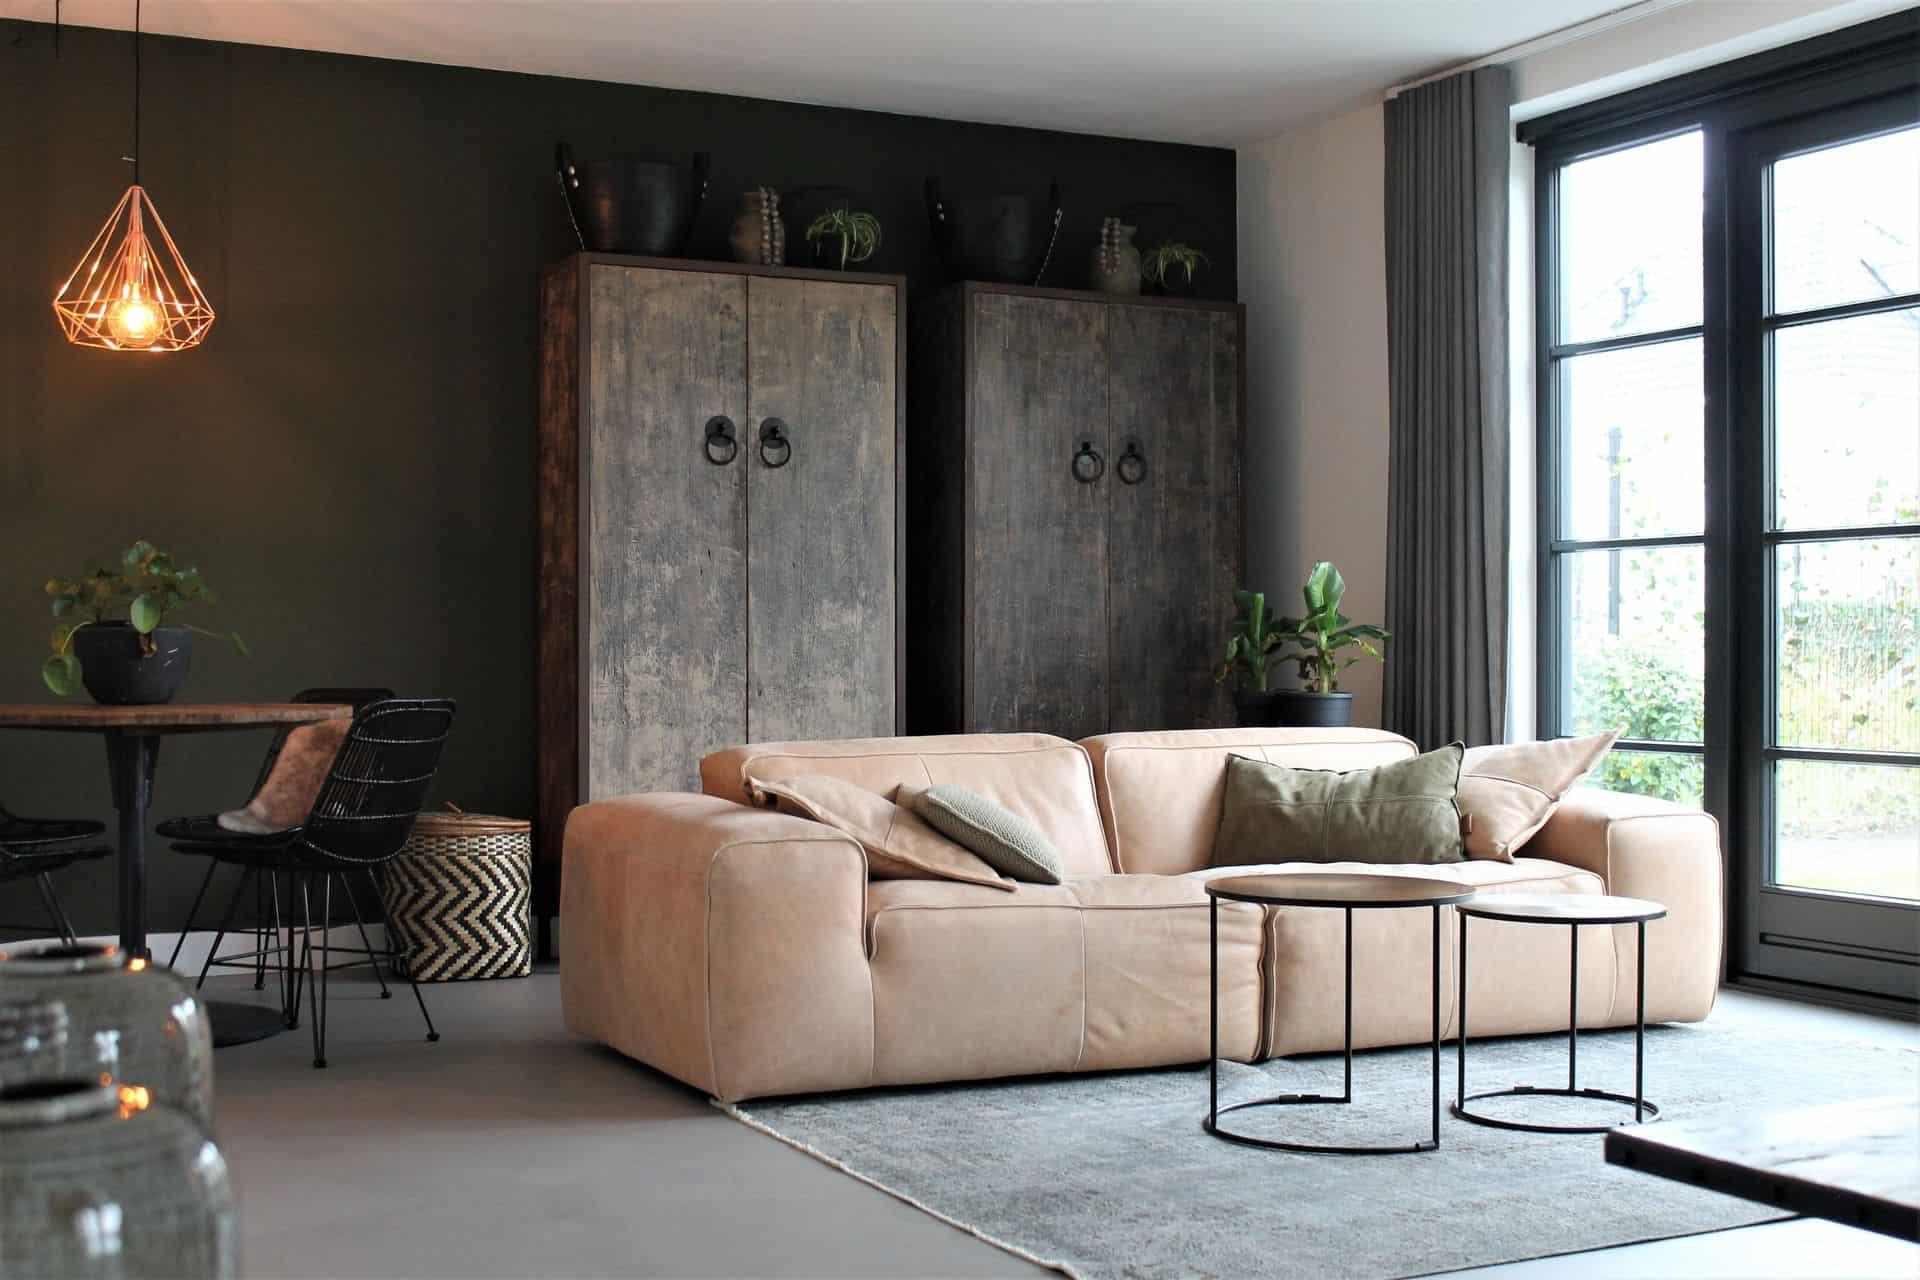 Betonlook vloeren, Betonlook vloer in de voorkamer, vloer betonlook